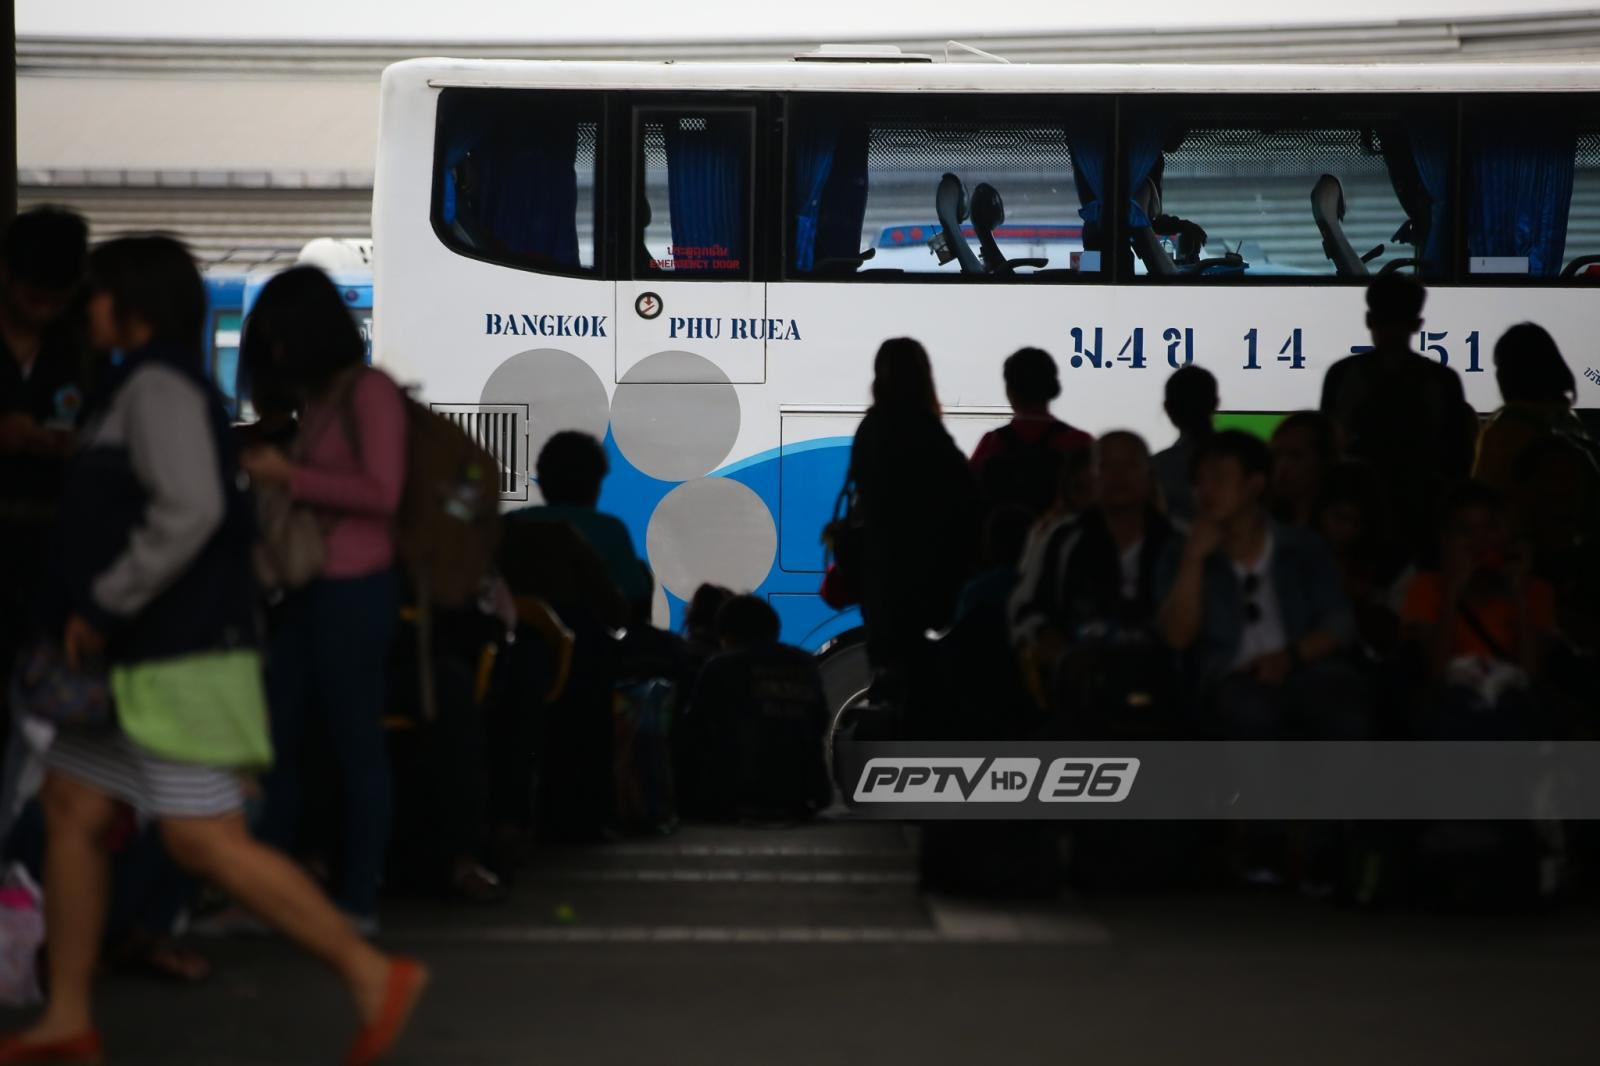 บขส.เพิ่มเที่ยวรถรองรับคนเดินทางกว่า 160,000 คน